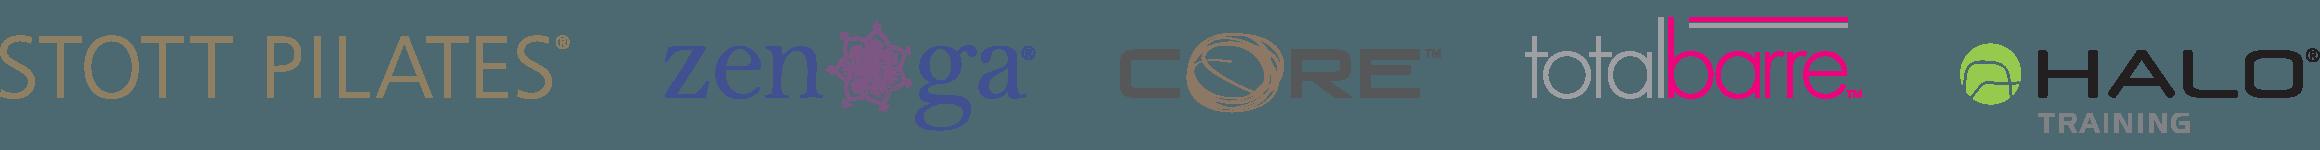 MERRITHEW™ Brands